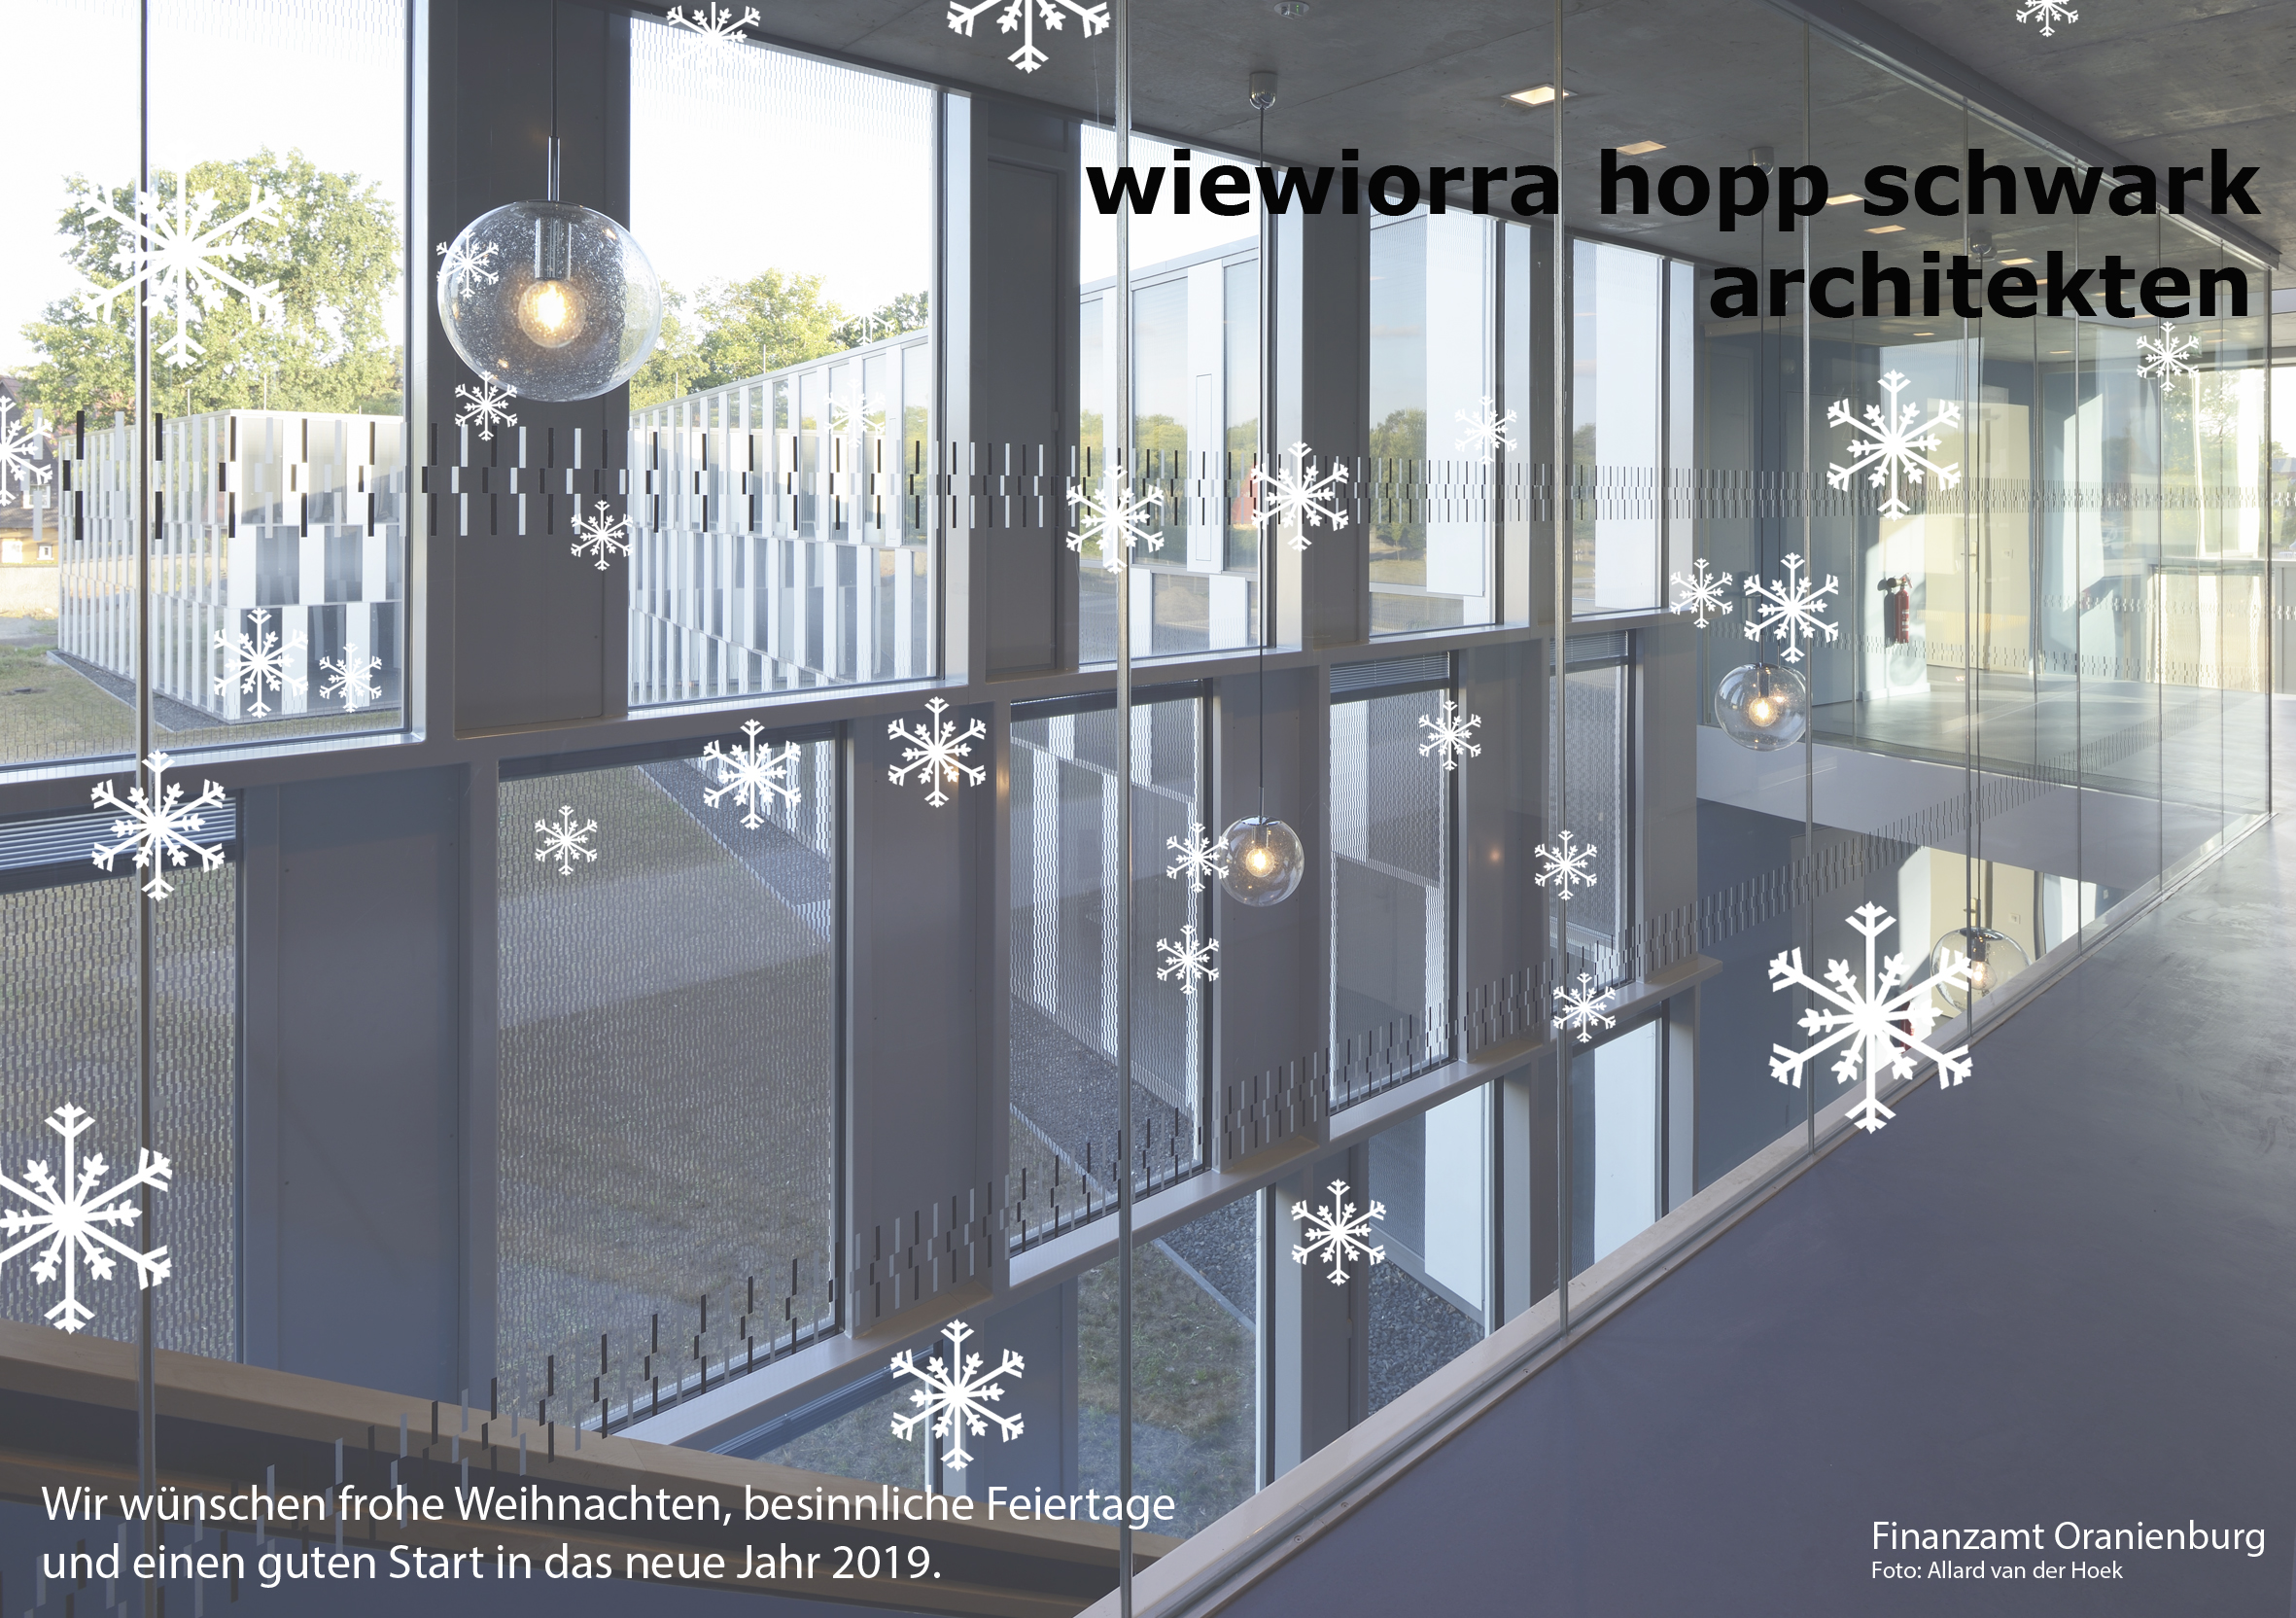 Wiewiorra Hopp Schwark Architekten